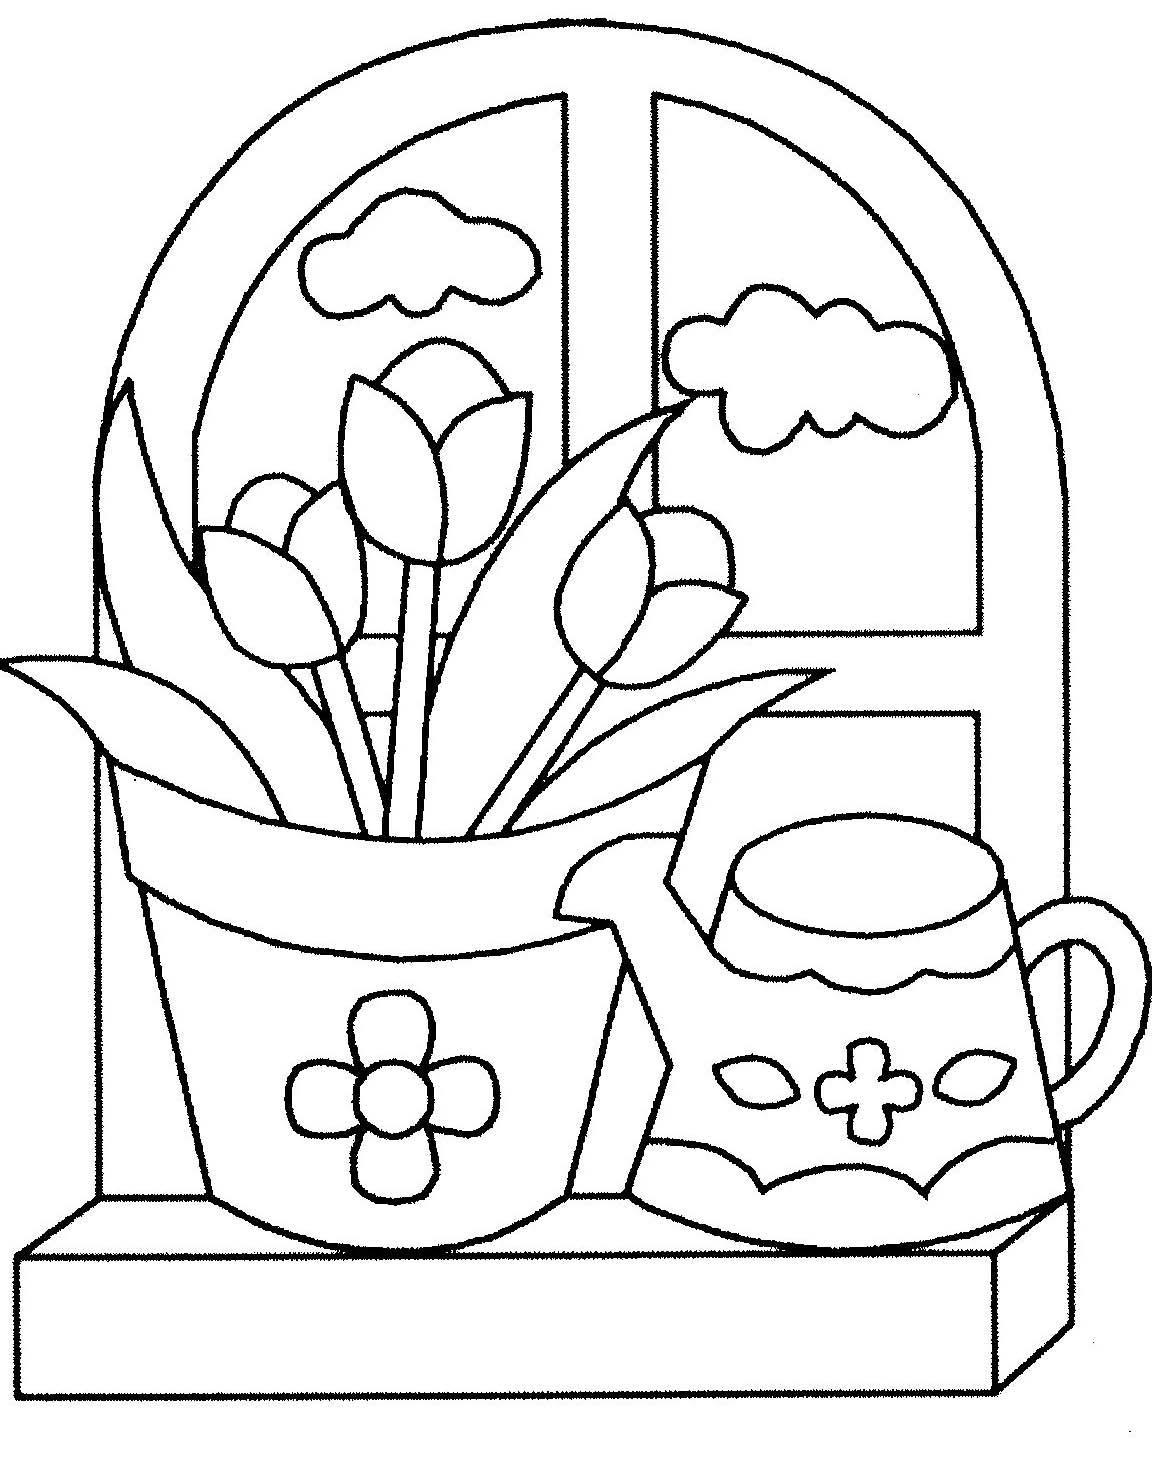 Coloriage Fleur Pot.Coloriage Pot De Fleurs Et Arrosoir